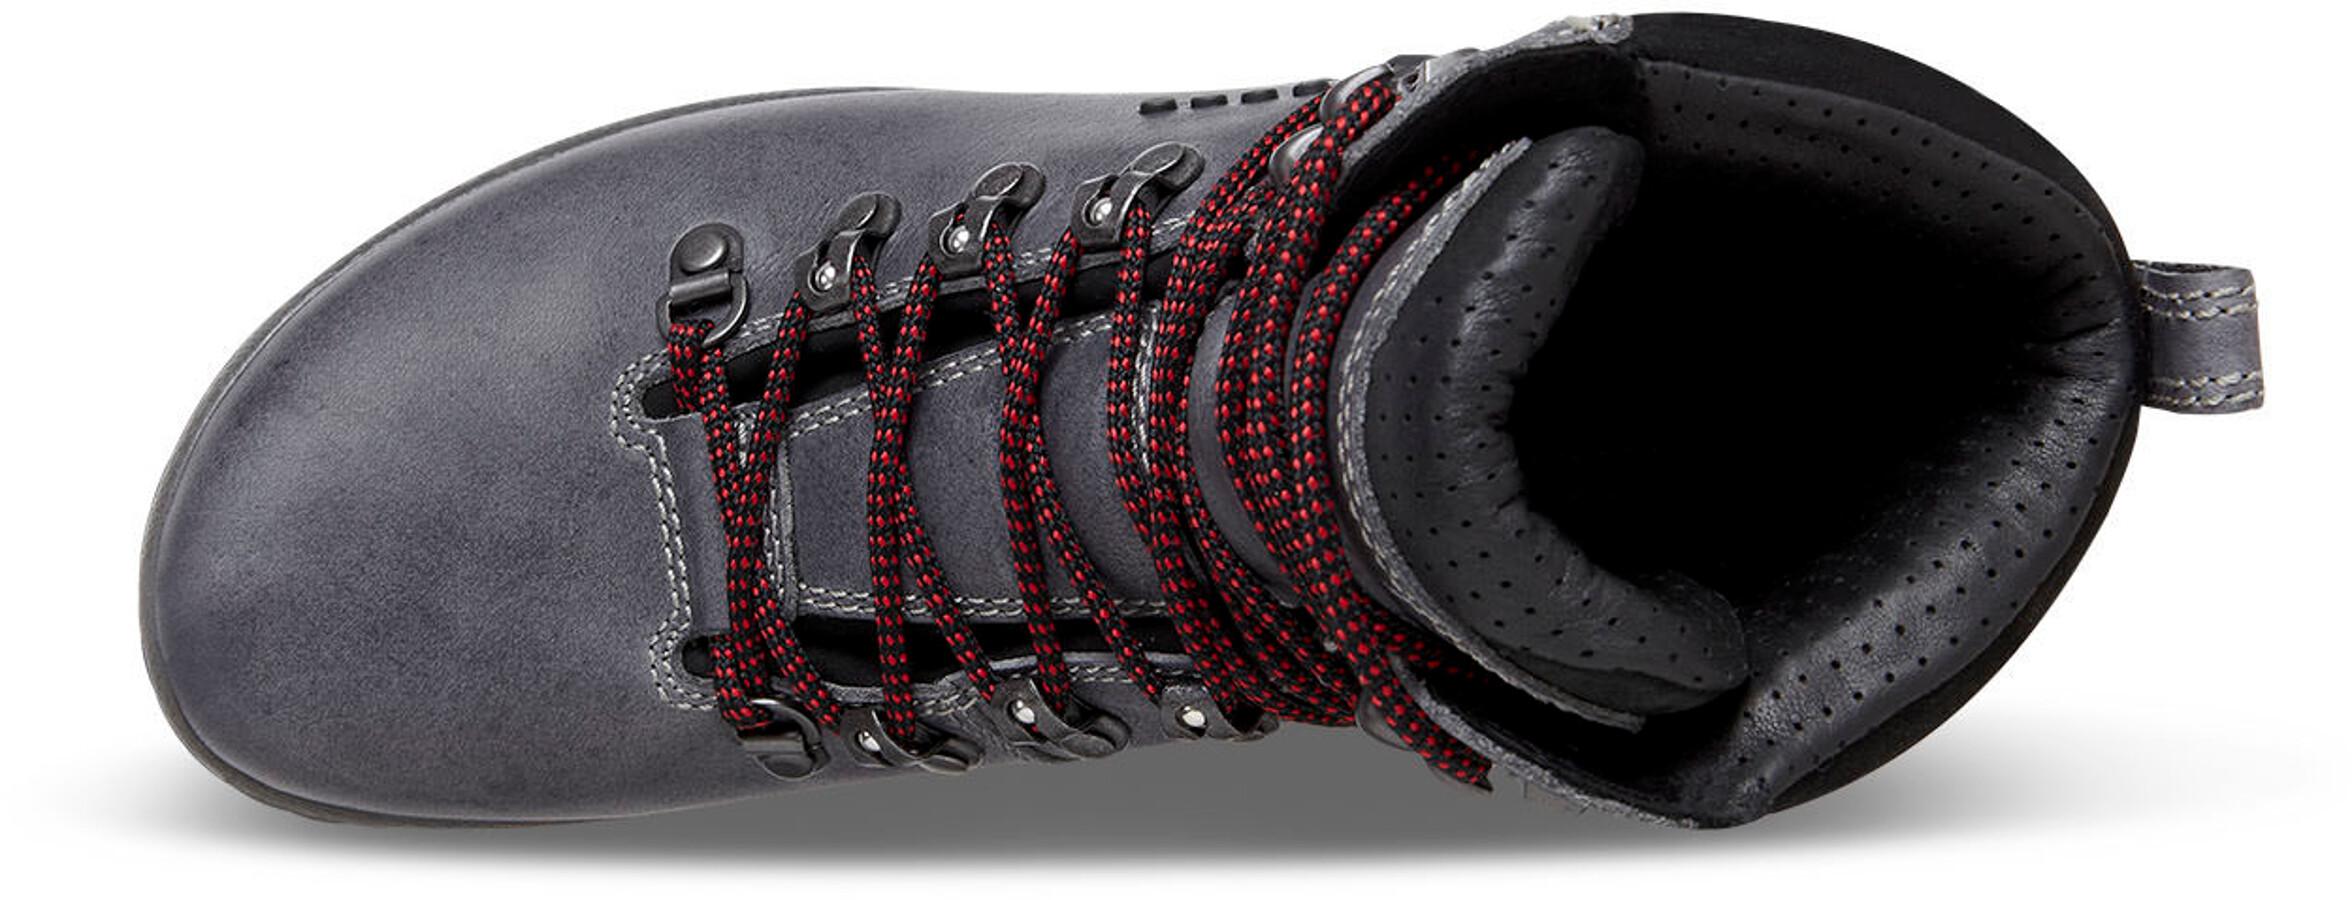 87e42580015 ECCO Biom Hike Sko Damer grå | Find outdoortøj, sko & udstyr på ...